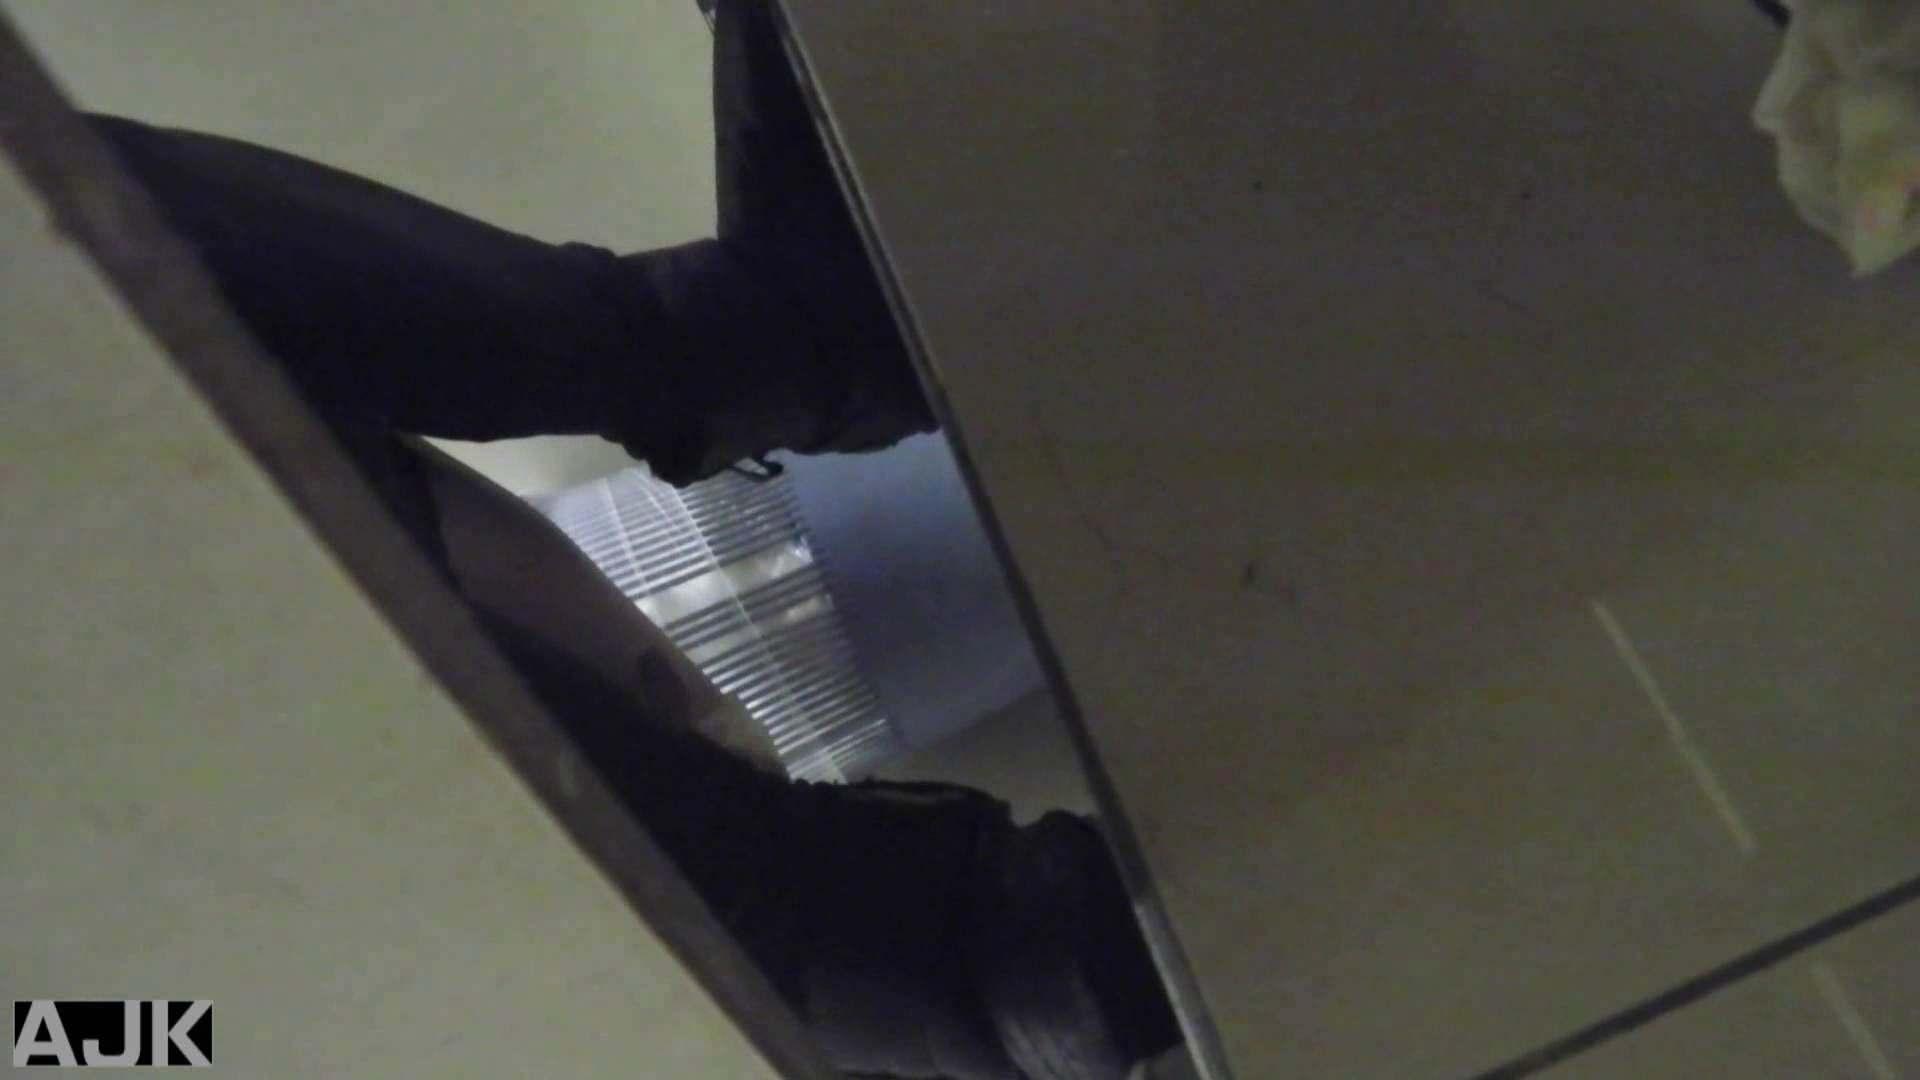 神降臨!史上最強の潜入かわや! vol.05 美しいOLの裸体 隠し撮りオマンコ動画紹介 69pic 23